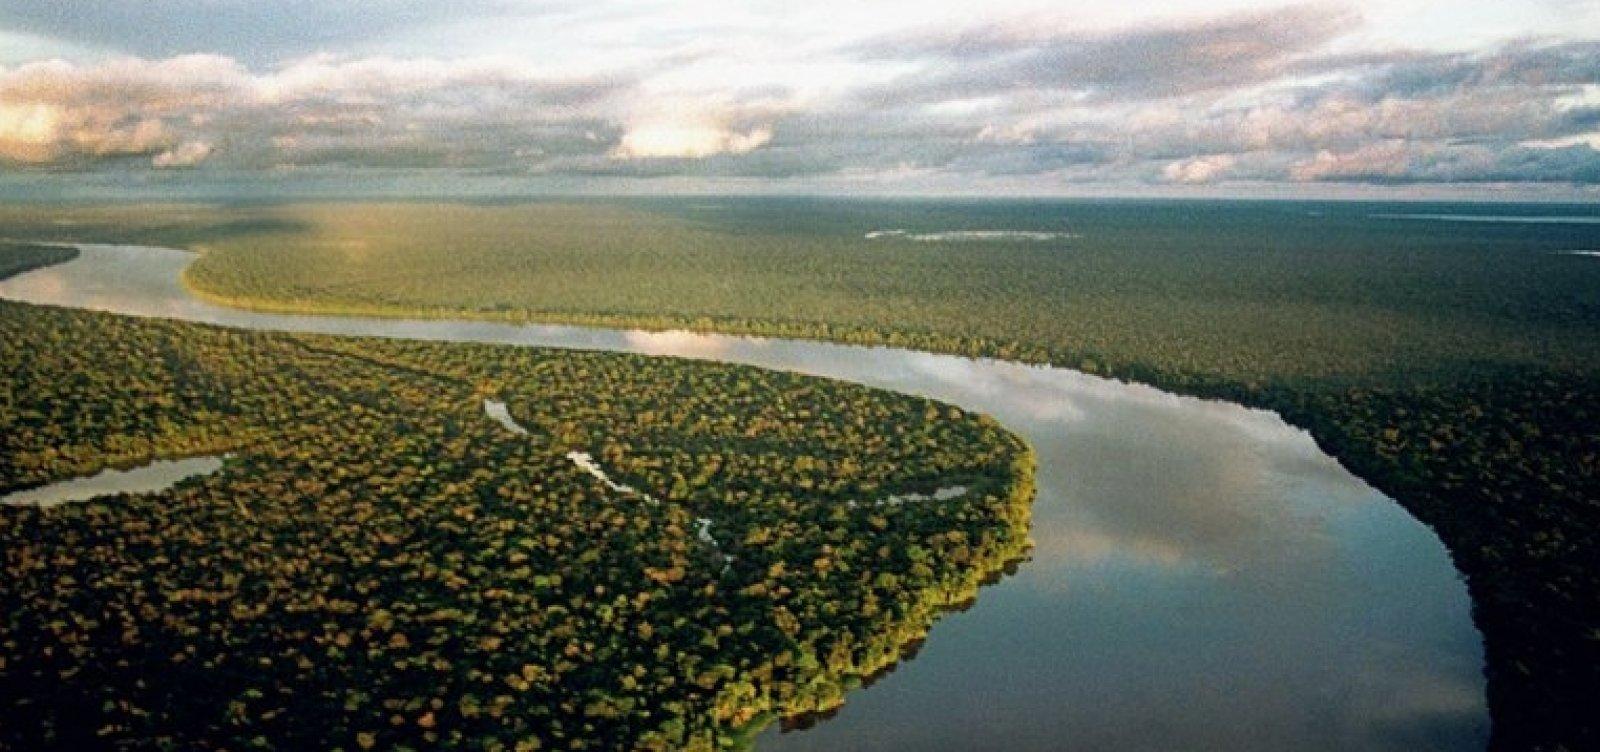 [No Dia do Meio Ambiente, MP diz que governo Bolsonaro causou 'crescimento vertiginoso dos danos ambientais' ]